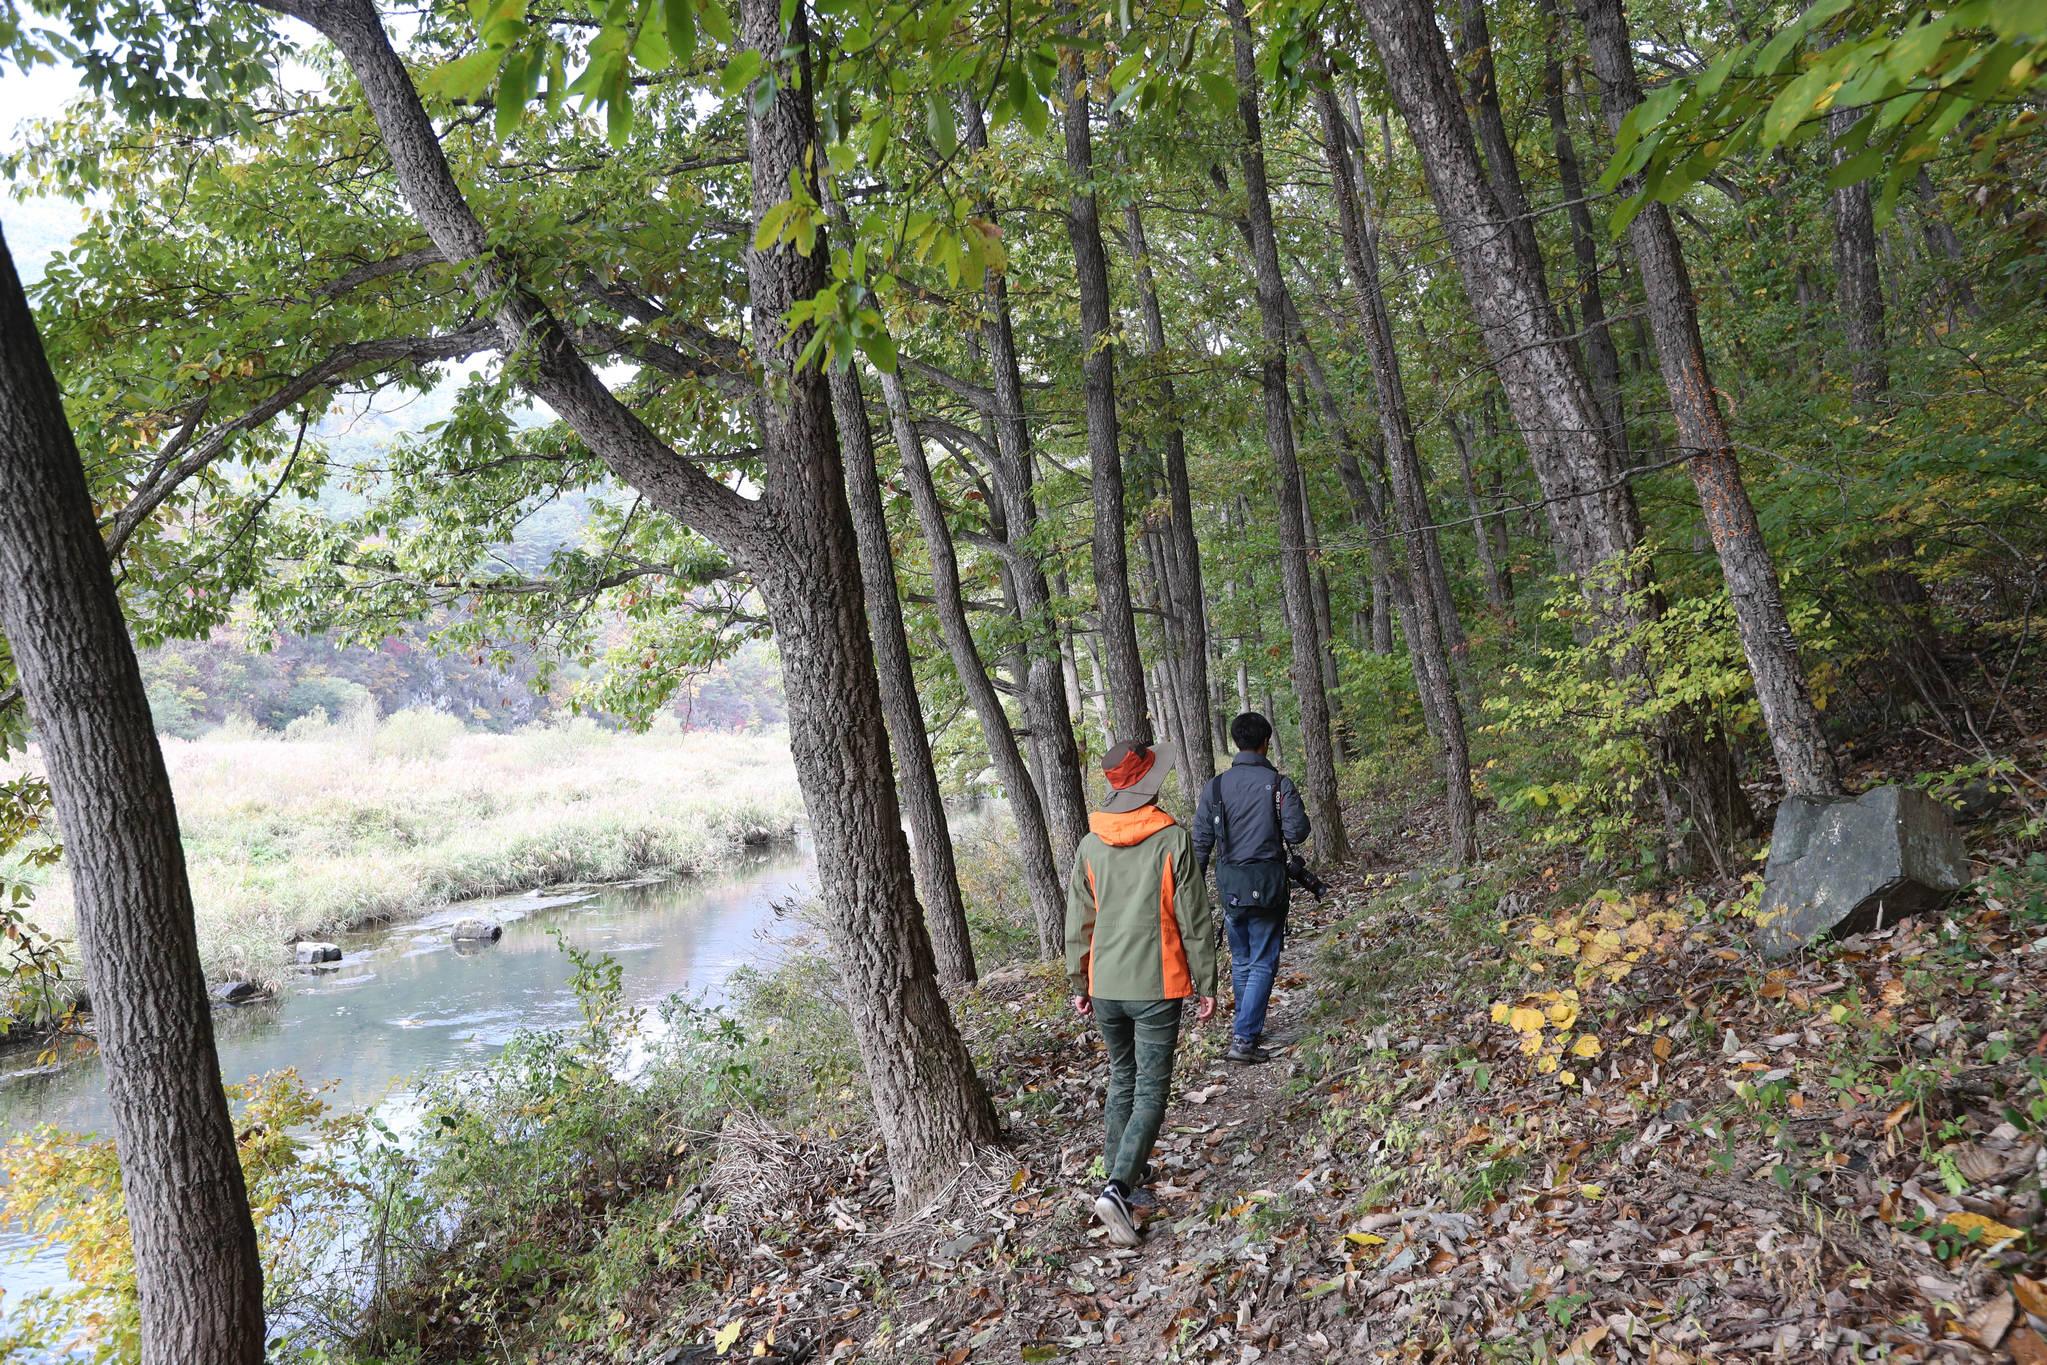 신성계곡의 지질명소를 보는 녹색길을 걷다 보면 호젓한 숲길도 만난다. 신인섭 기자